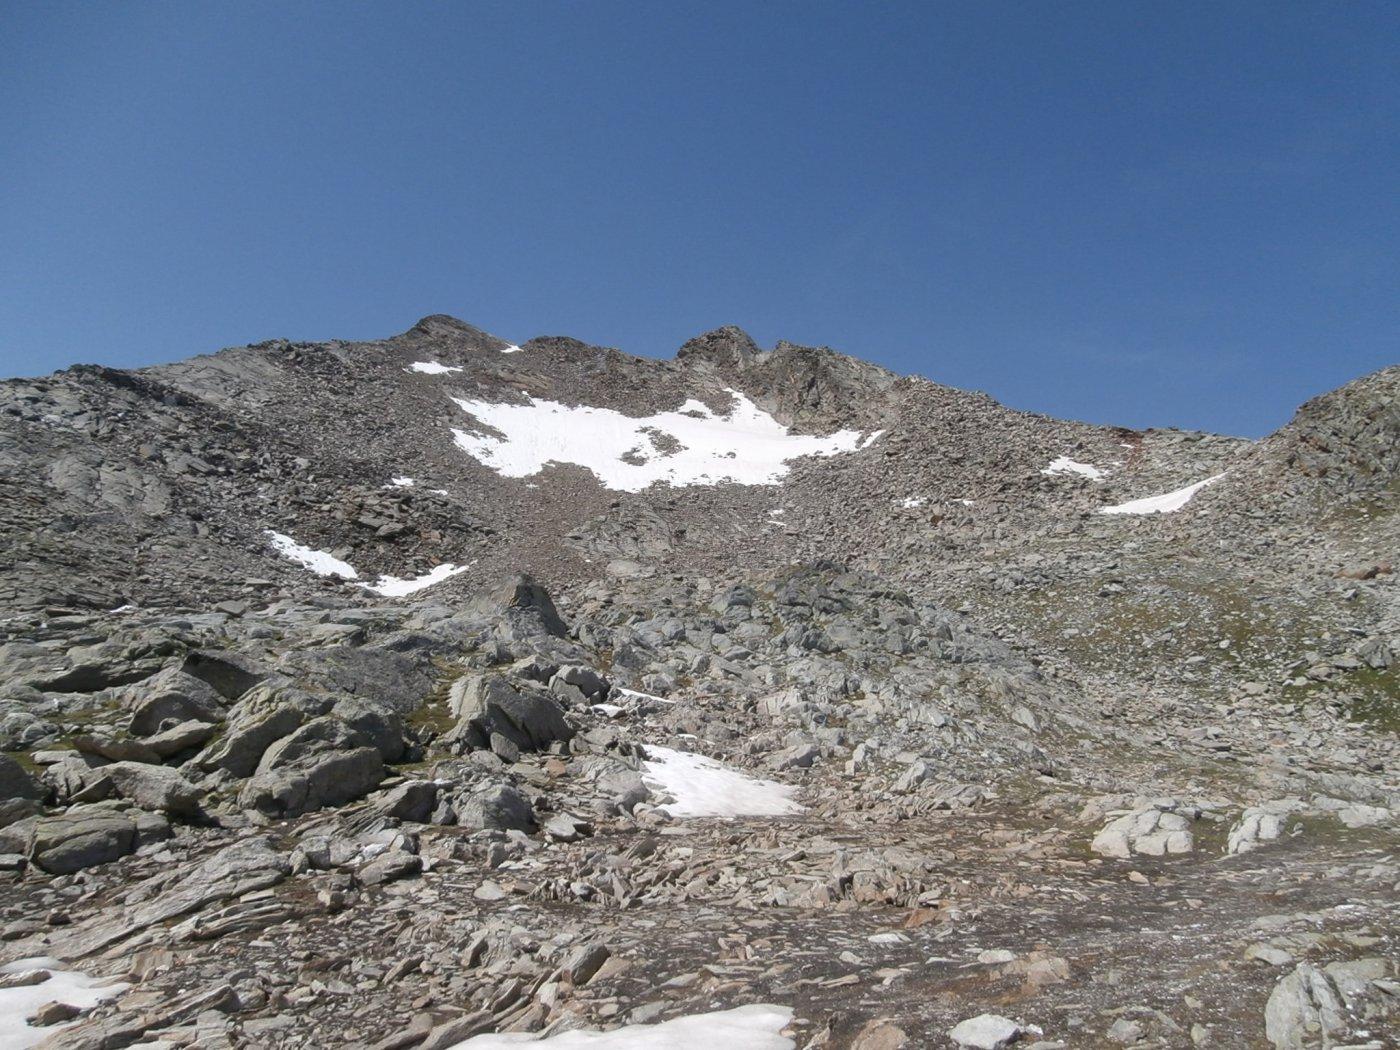 la vetta in vista con la pietraia finale ed il grosso nevaio ancora esistente..